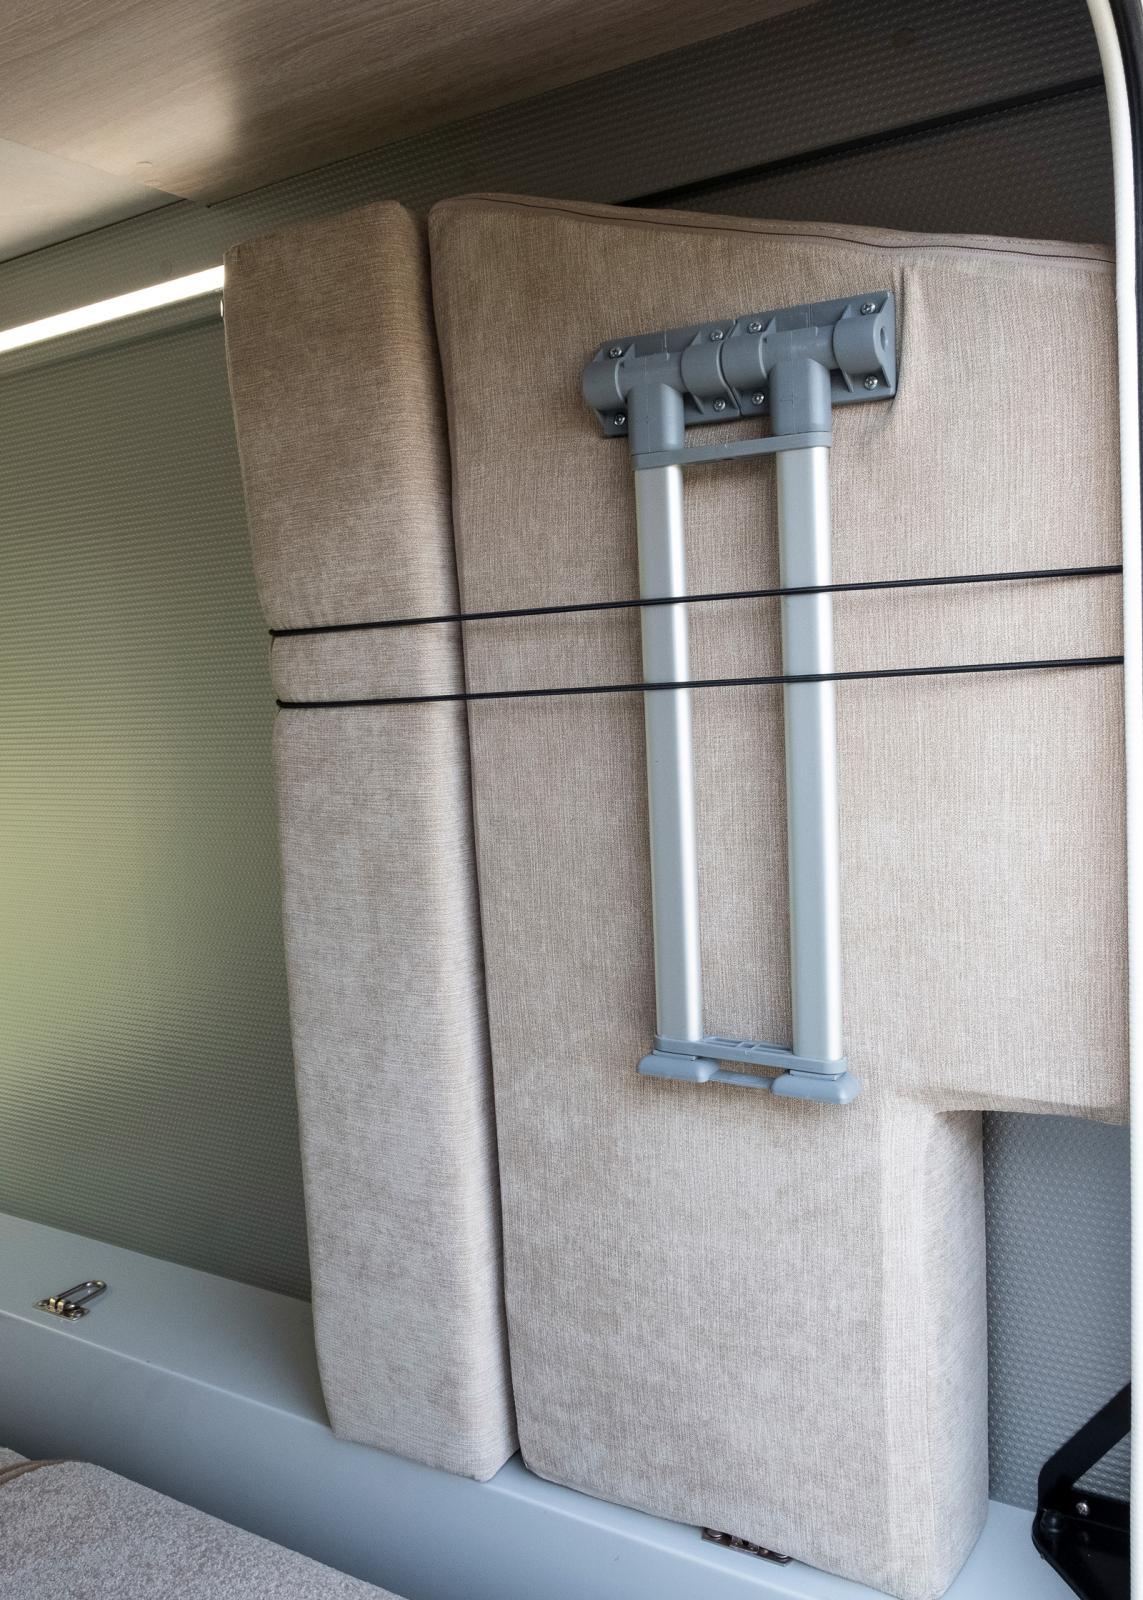 Garageförvaring av extradyna för bäddning.